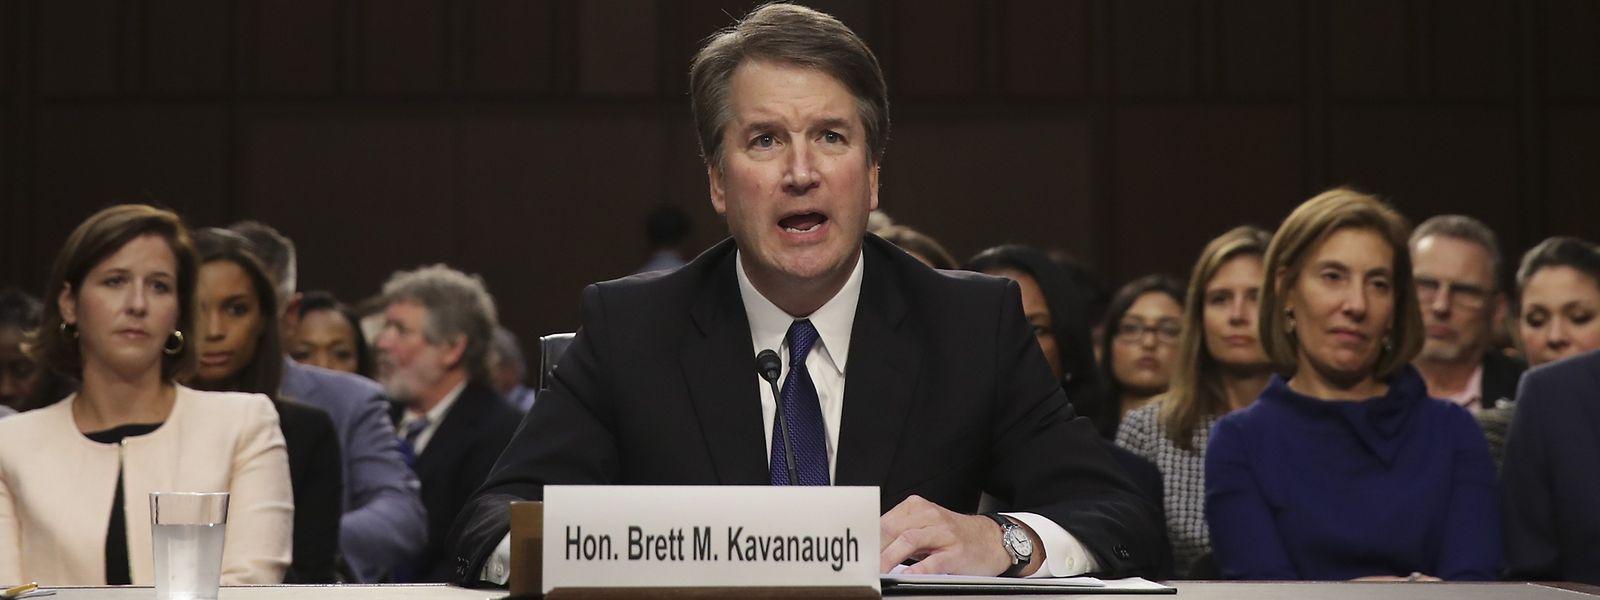 Umstritten, konservativ und möglicherweise Trumps Rettungsanker: Richter Brett Kavanaugh.